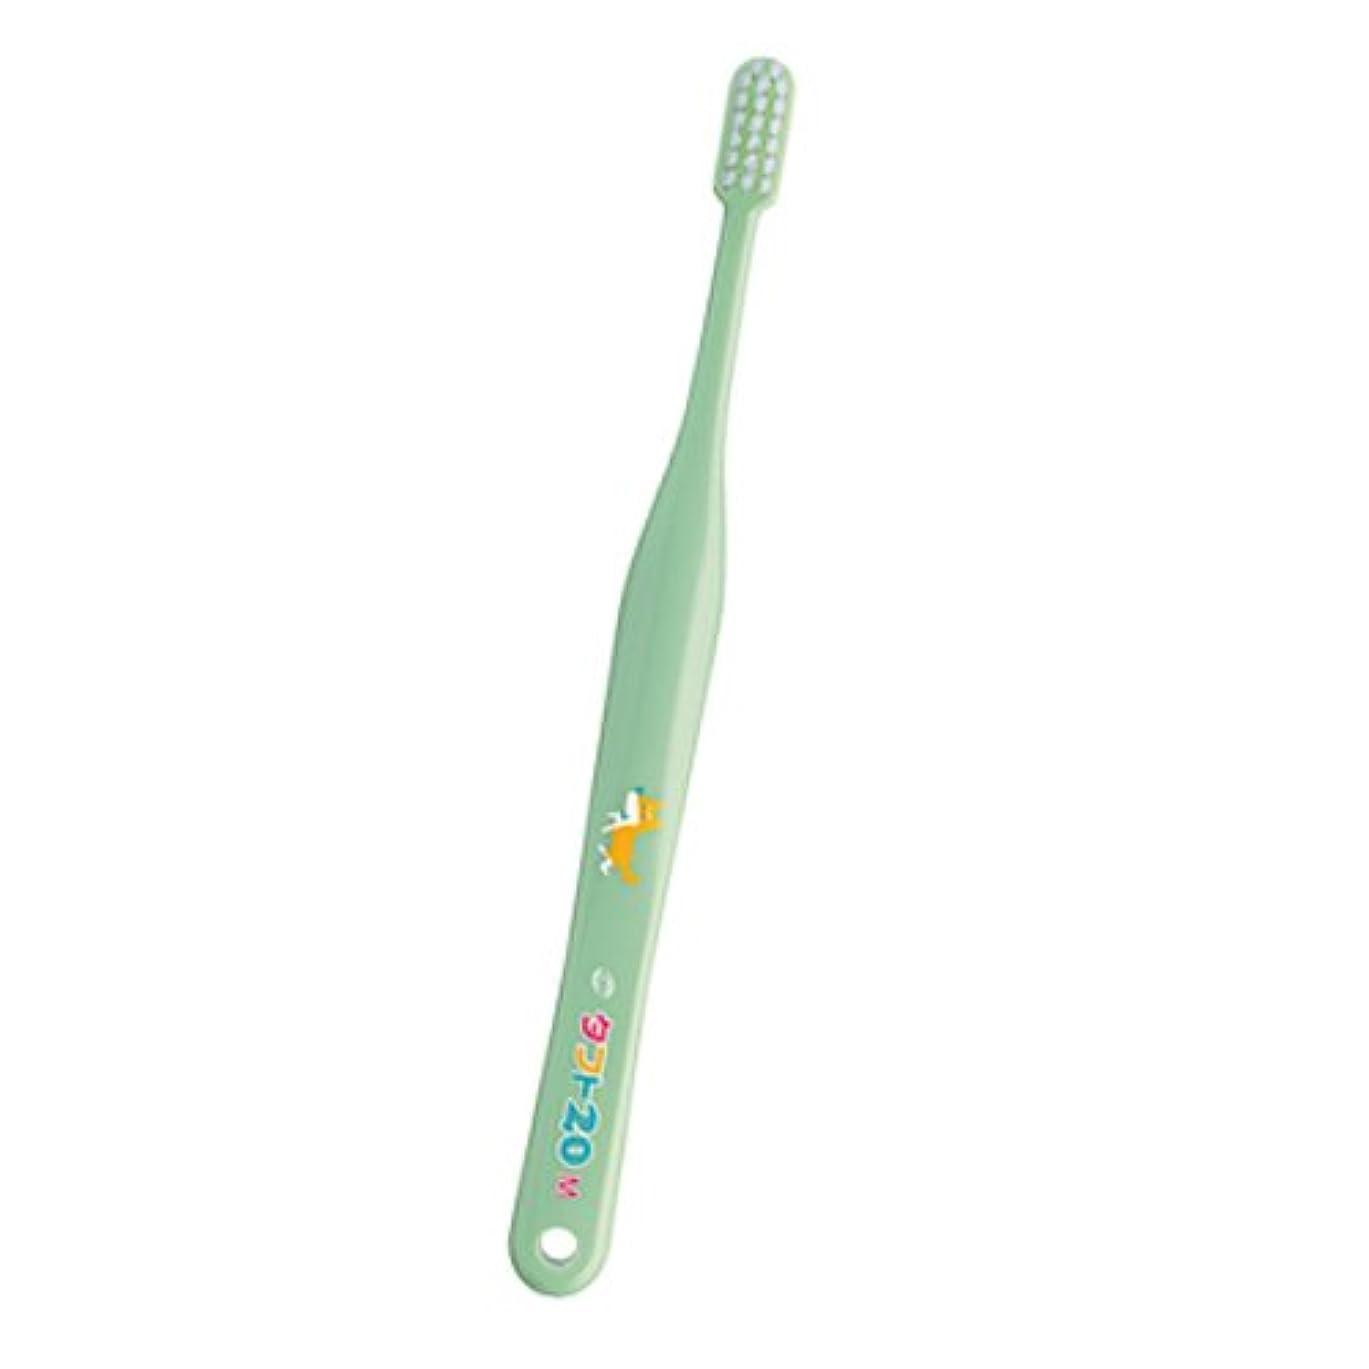 圧力保持する不正確オーラルケア タフト 20 歯ブラシ ミディアム 1本 グリーン M